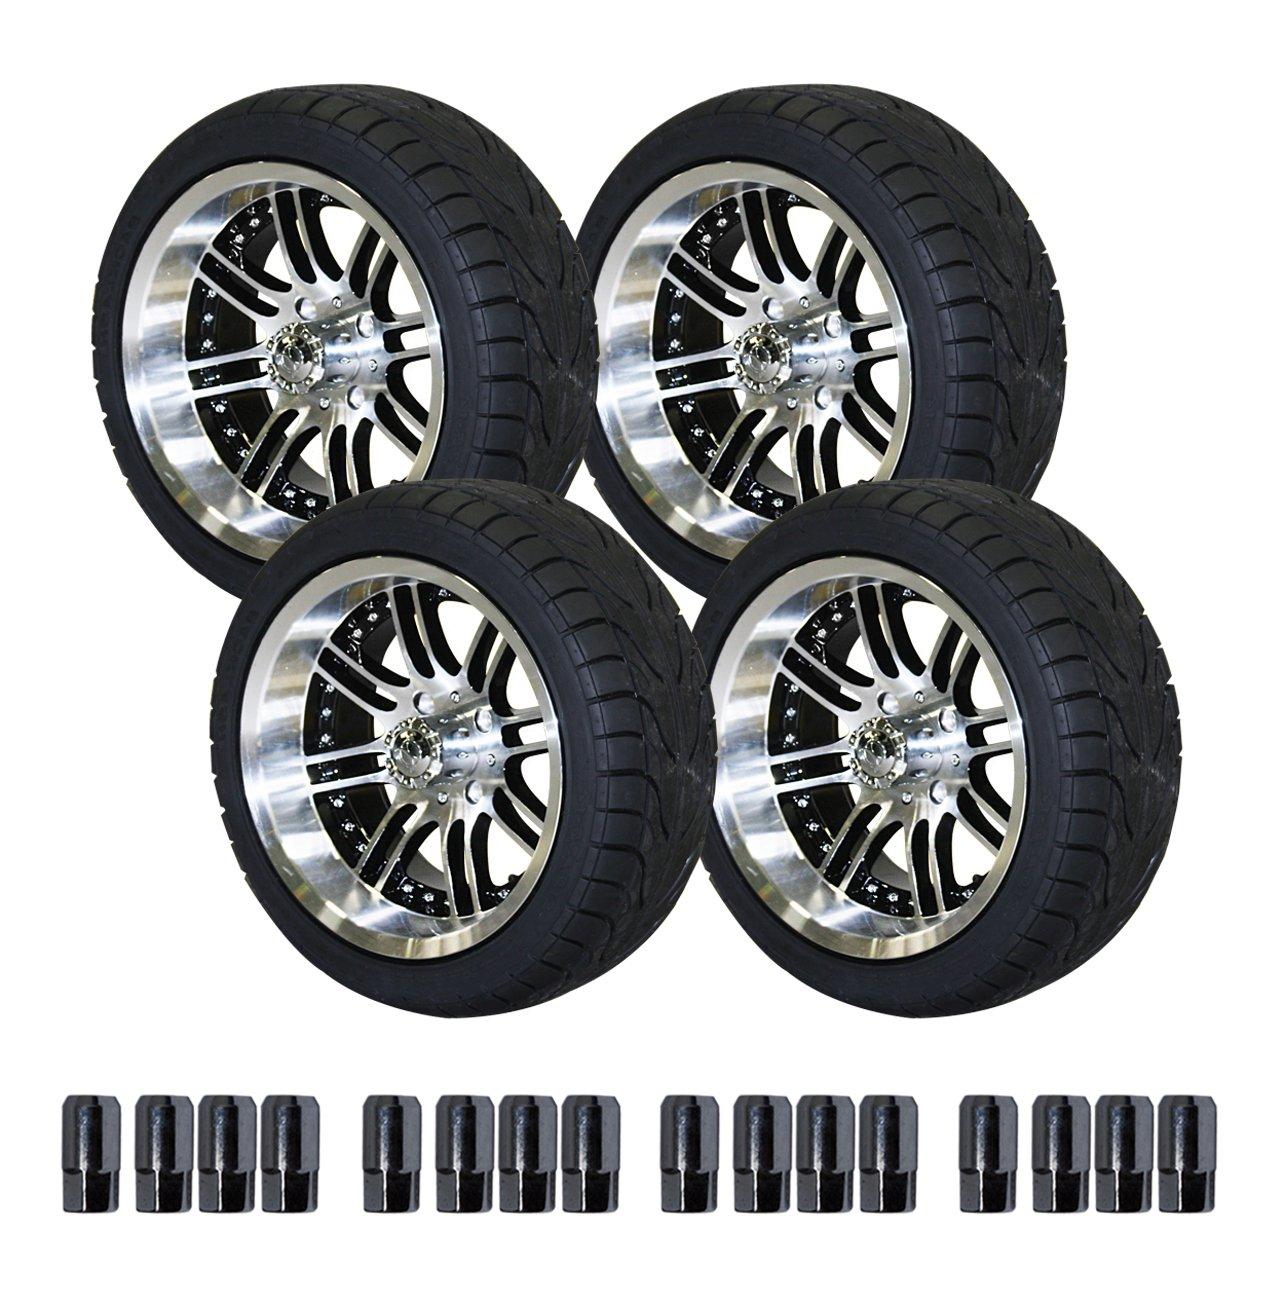 14 inch tires u003eu003e amazon com ezgo 750396pkg backlash tires with 14 inch black and